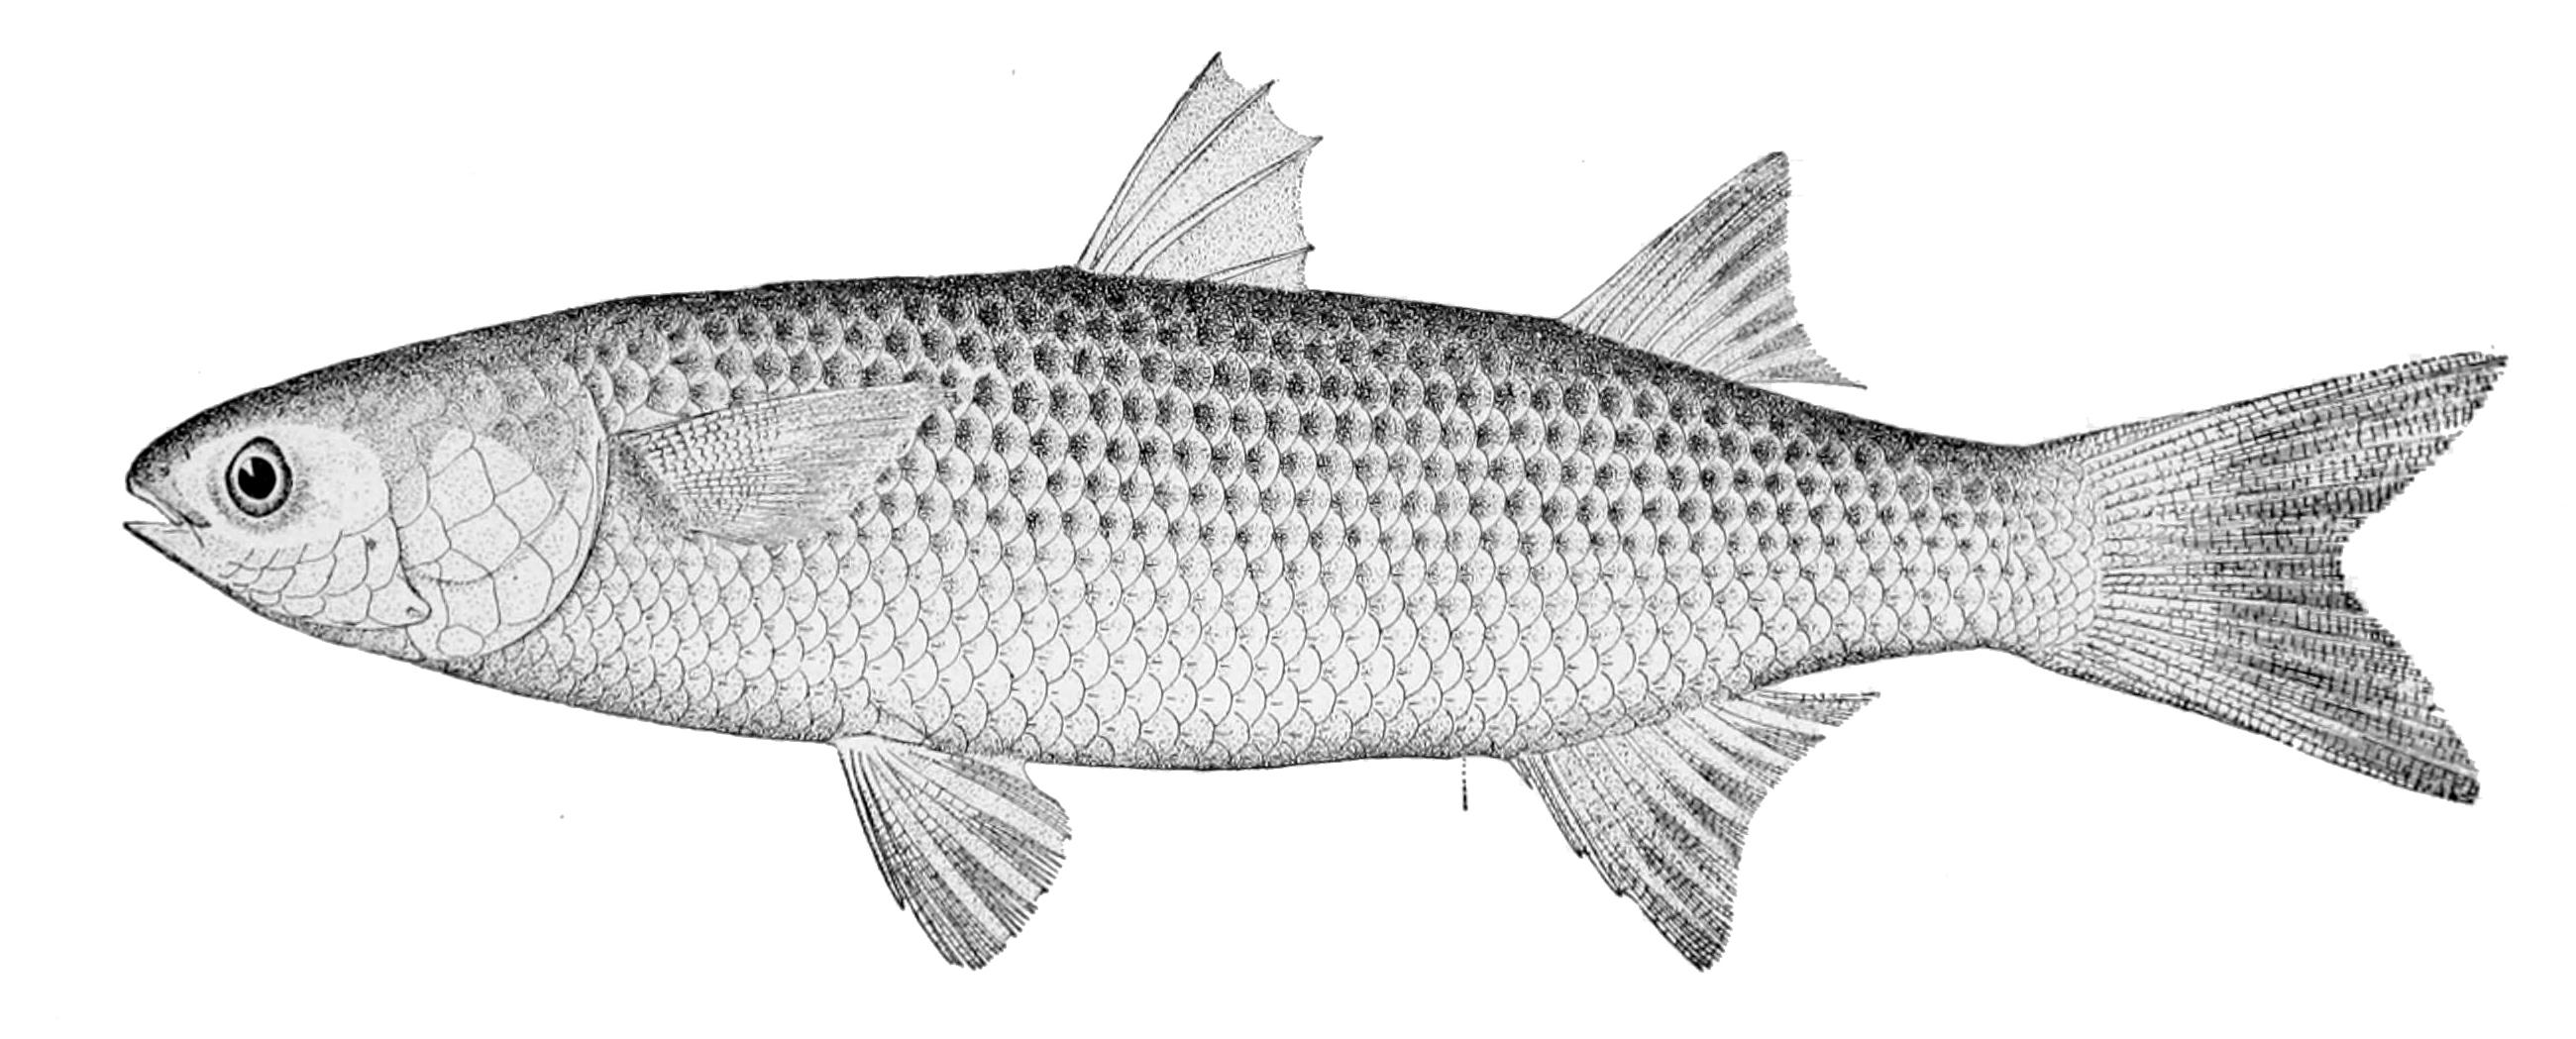 Pulatarina ince dudaklı kefal ile ilgili görsel sonucu